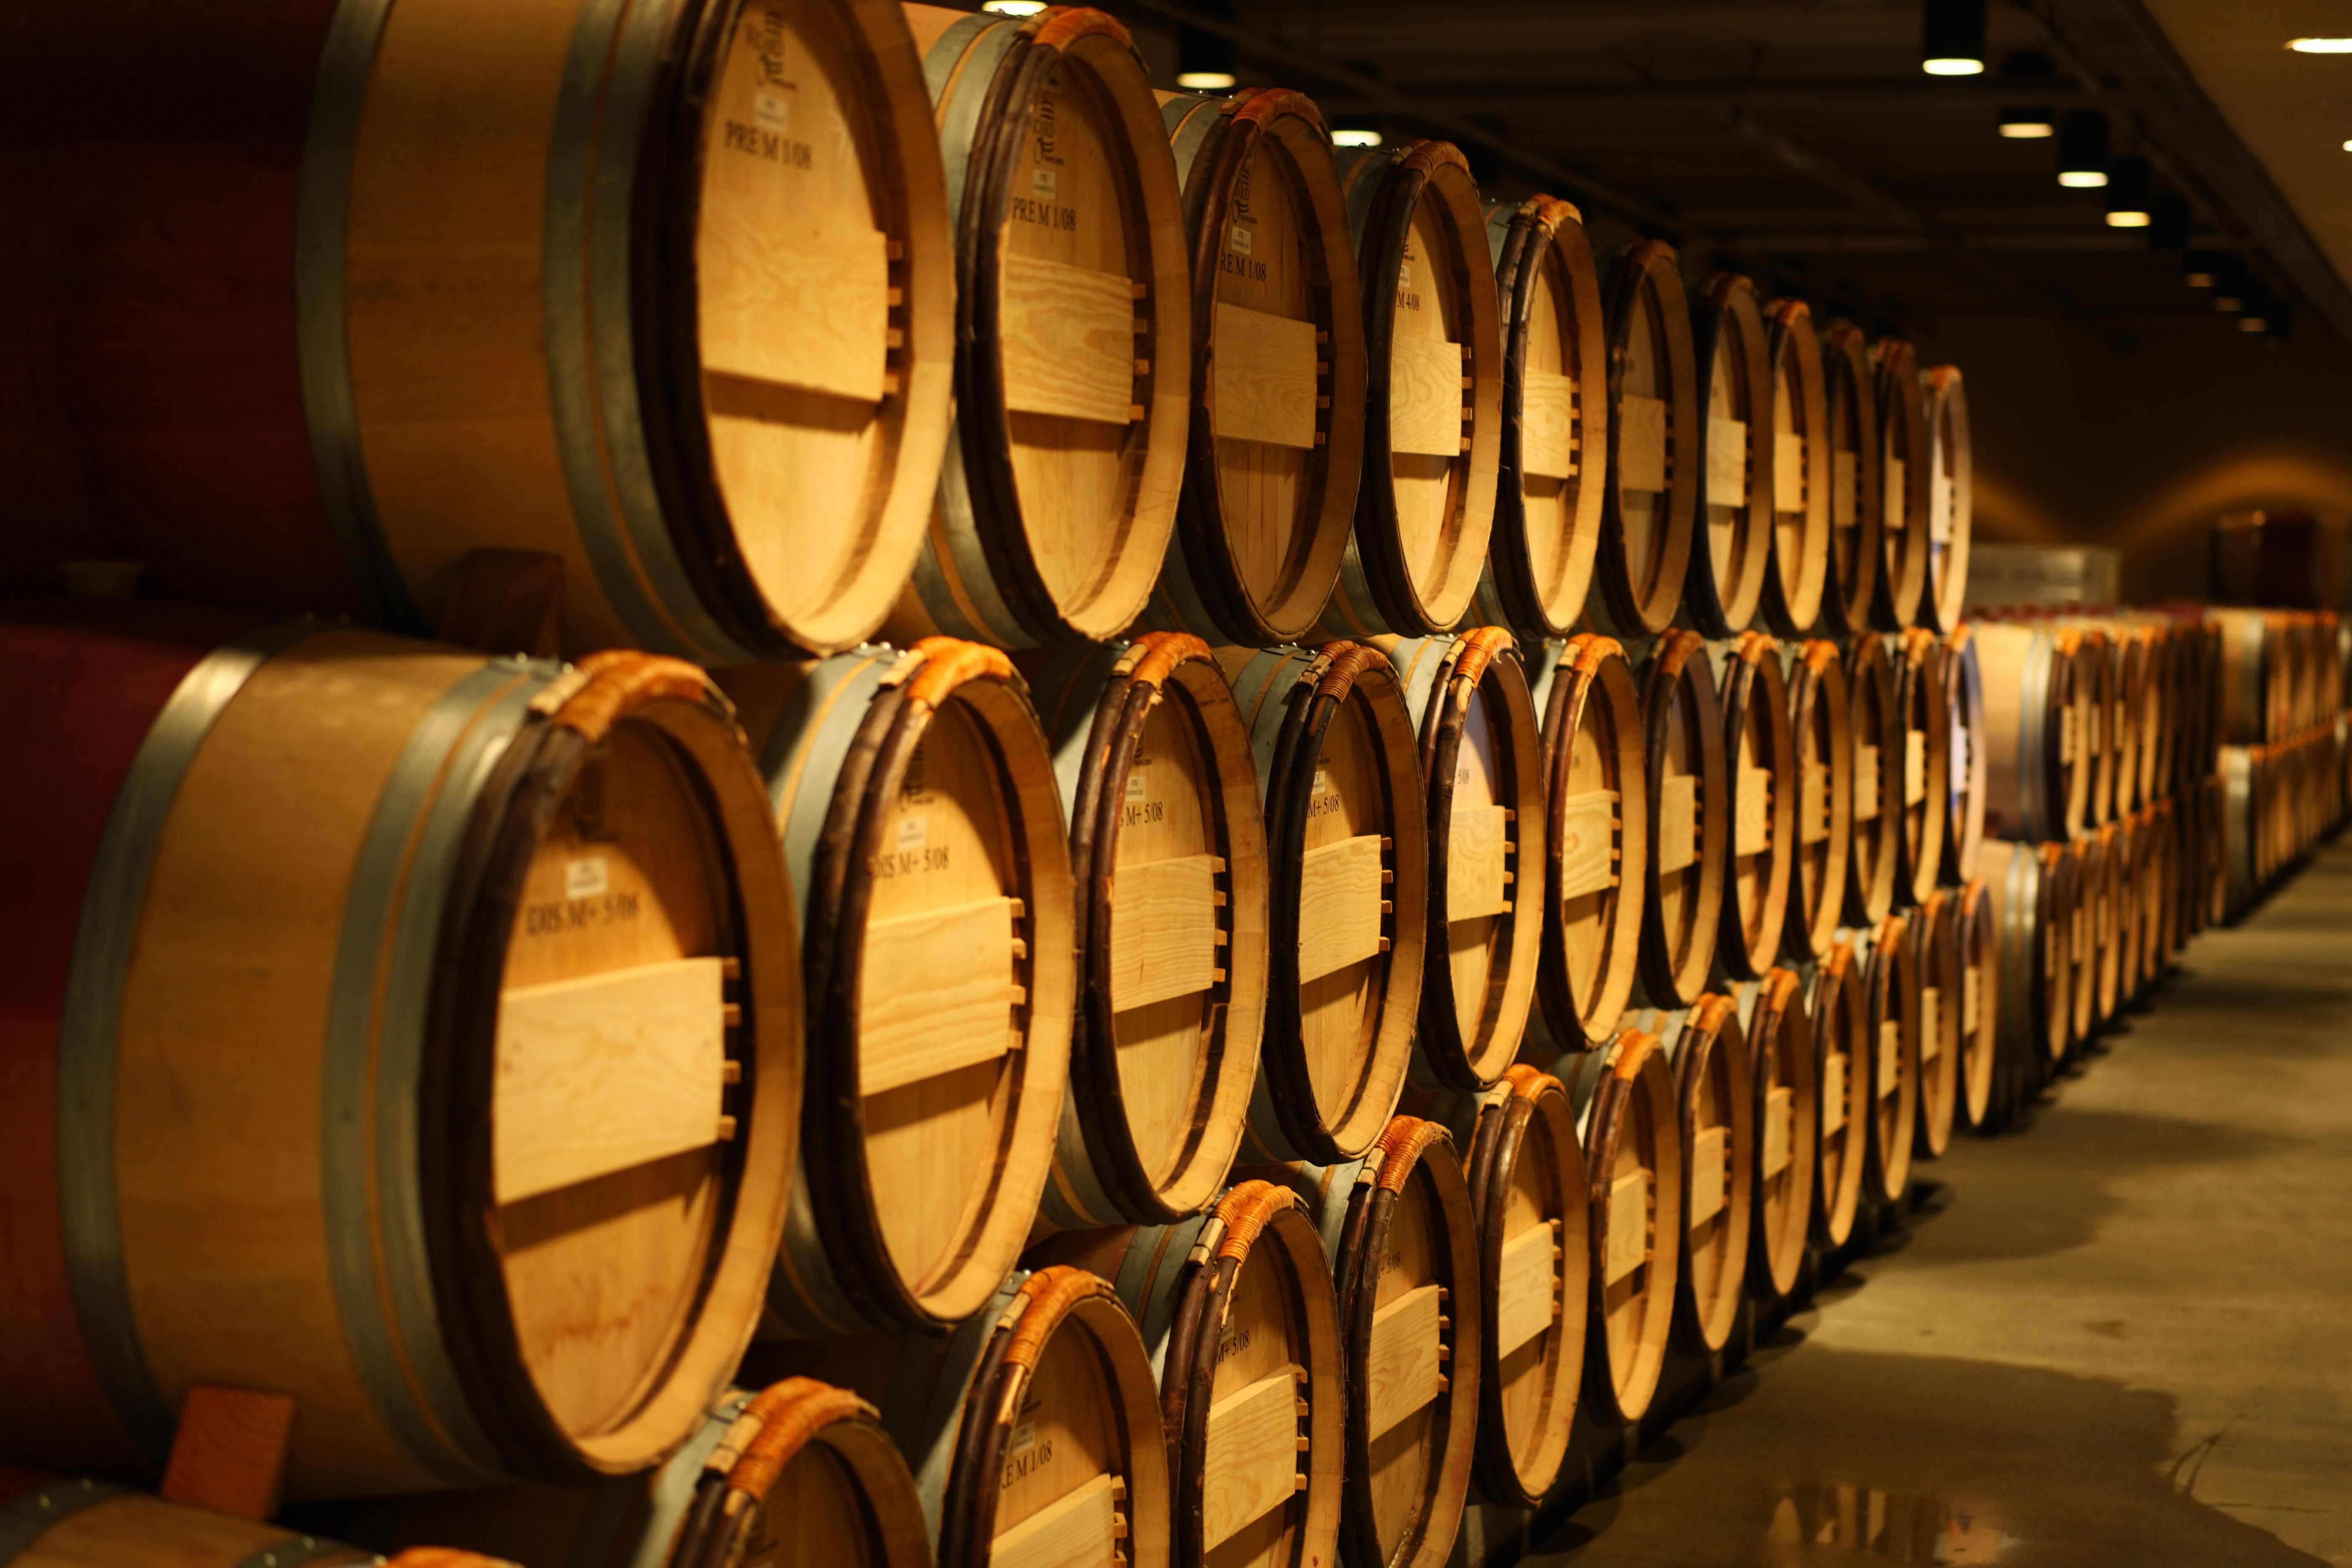 Yun gratis fotos no 8153 un barril de vino usa san - Barril de vino ...